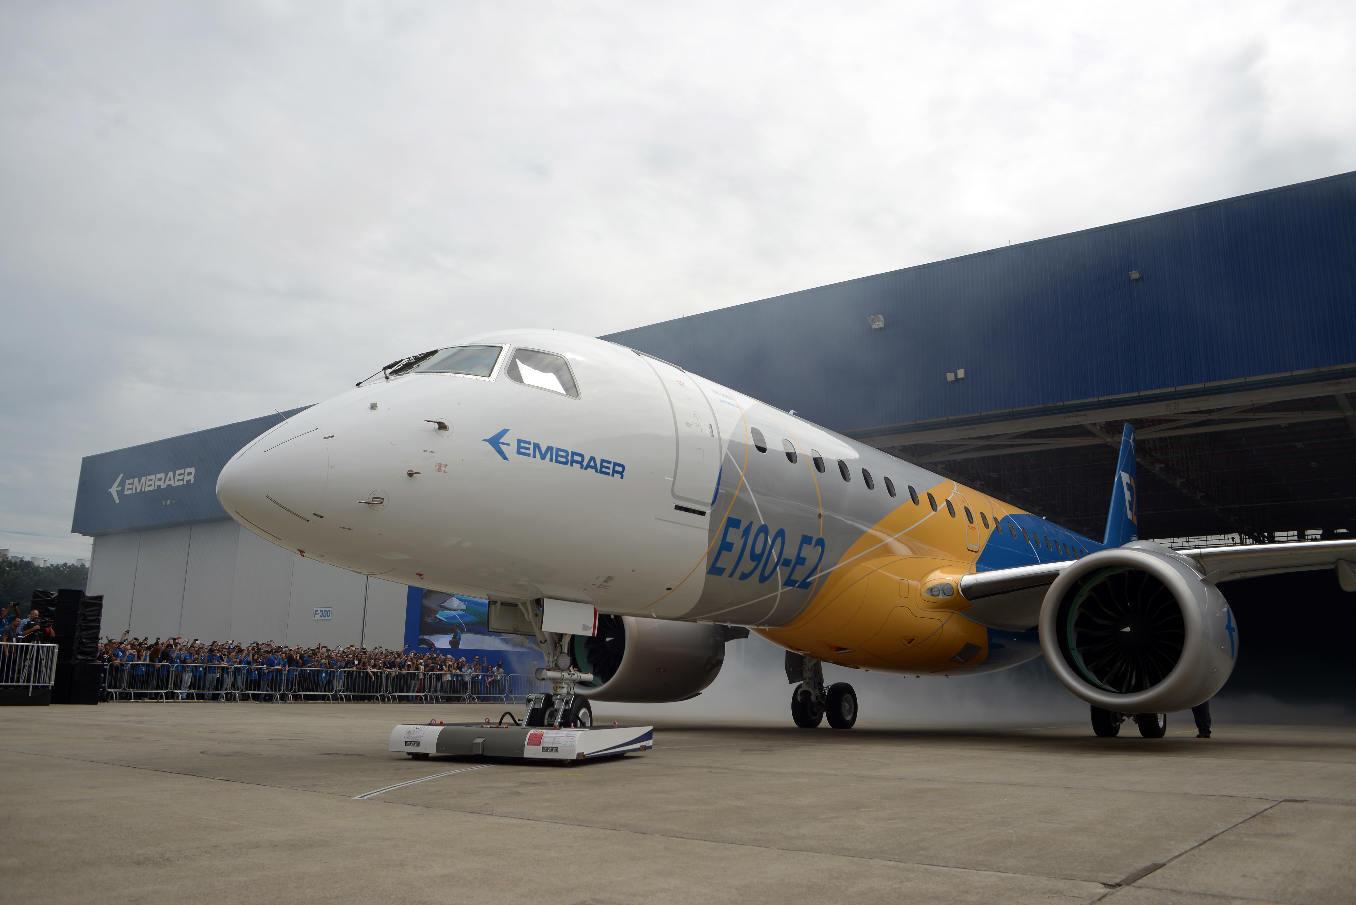 La norvégienne Wideroe passe chez Embraer